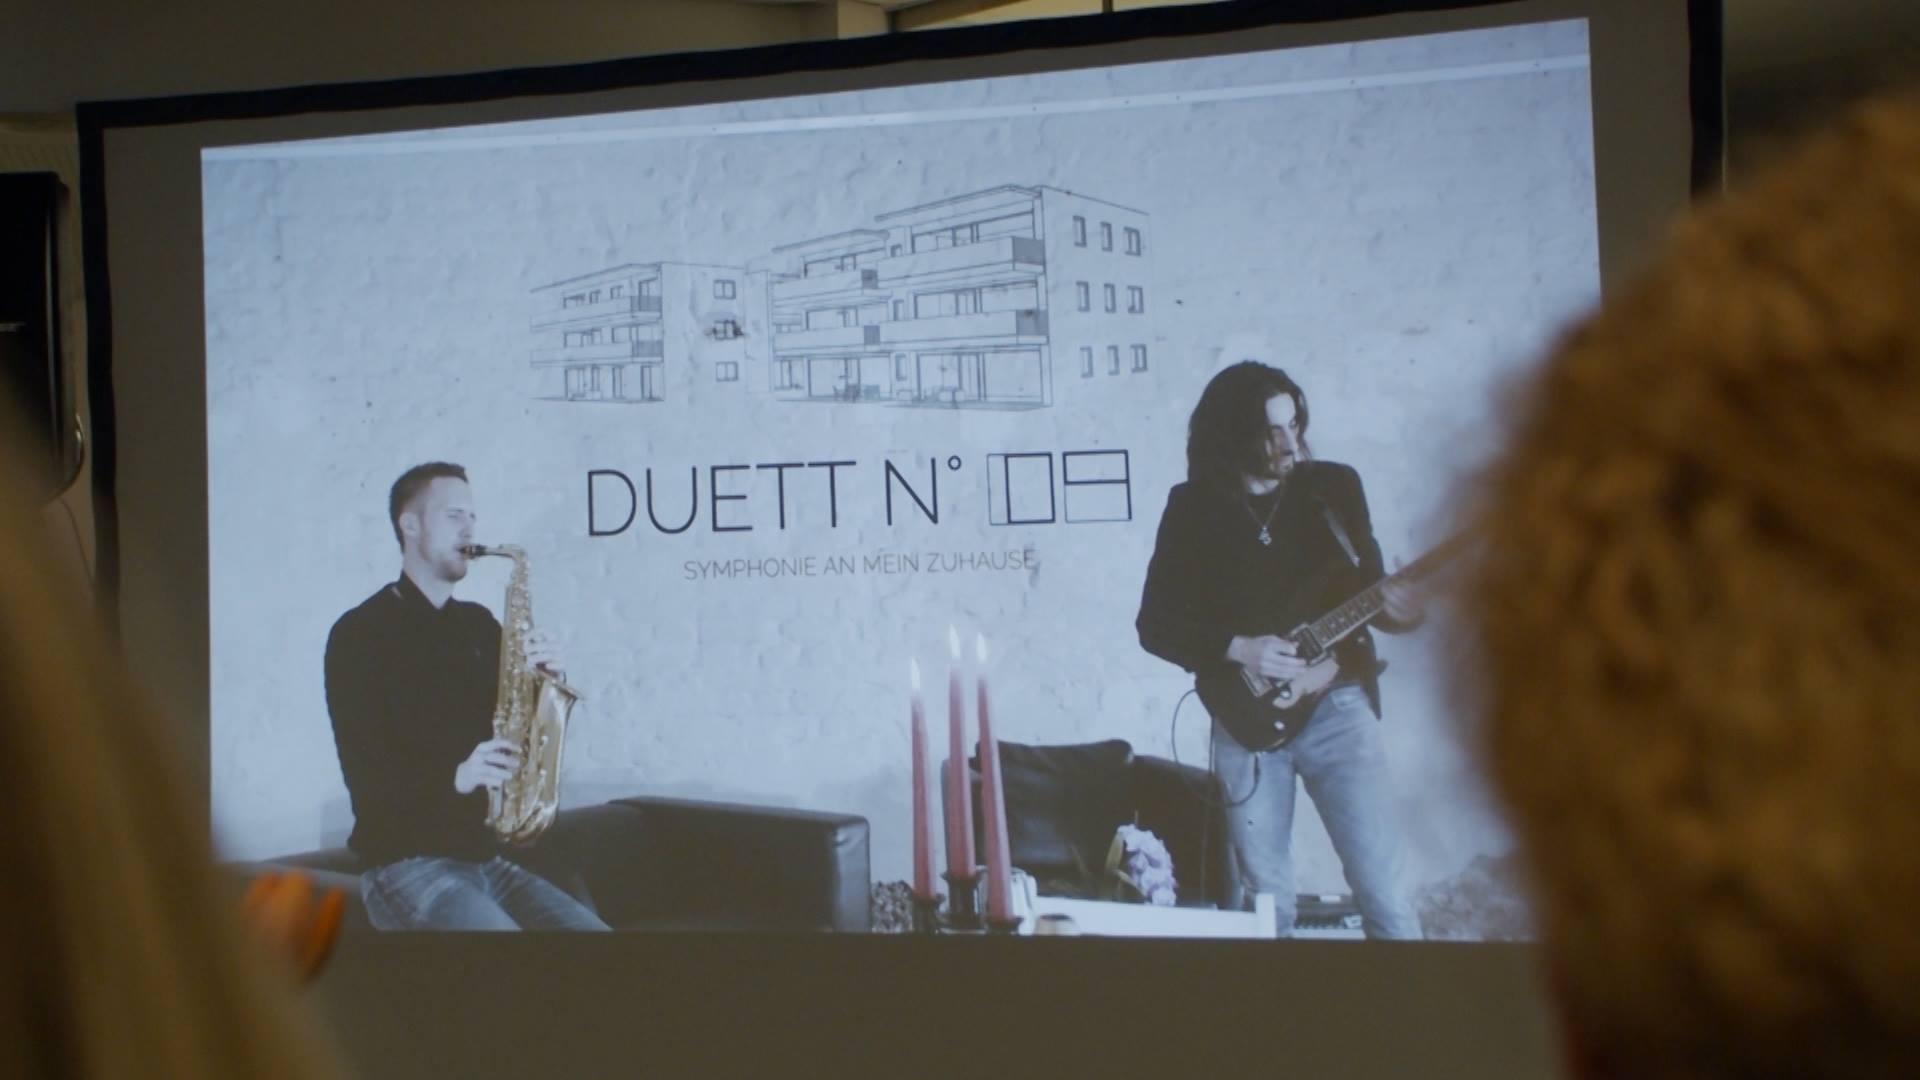 Duett Nr09 - Projektpräsentation